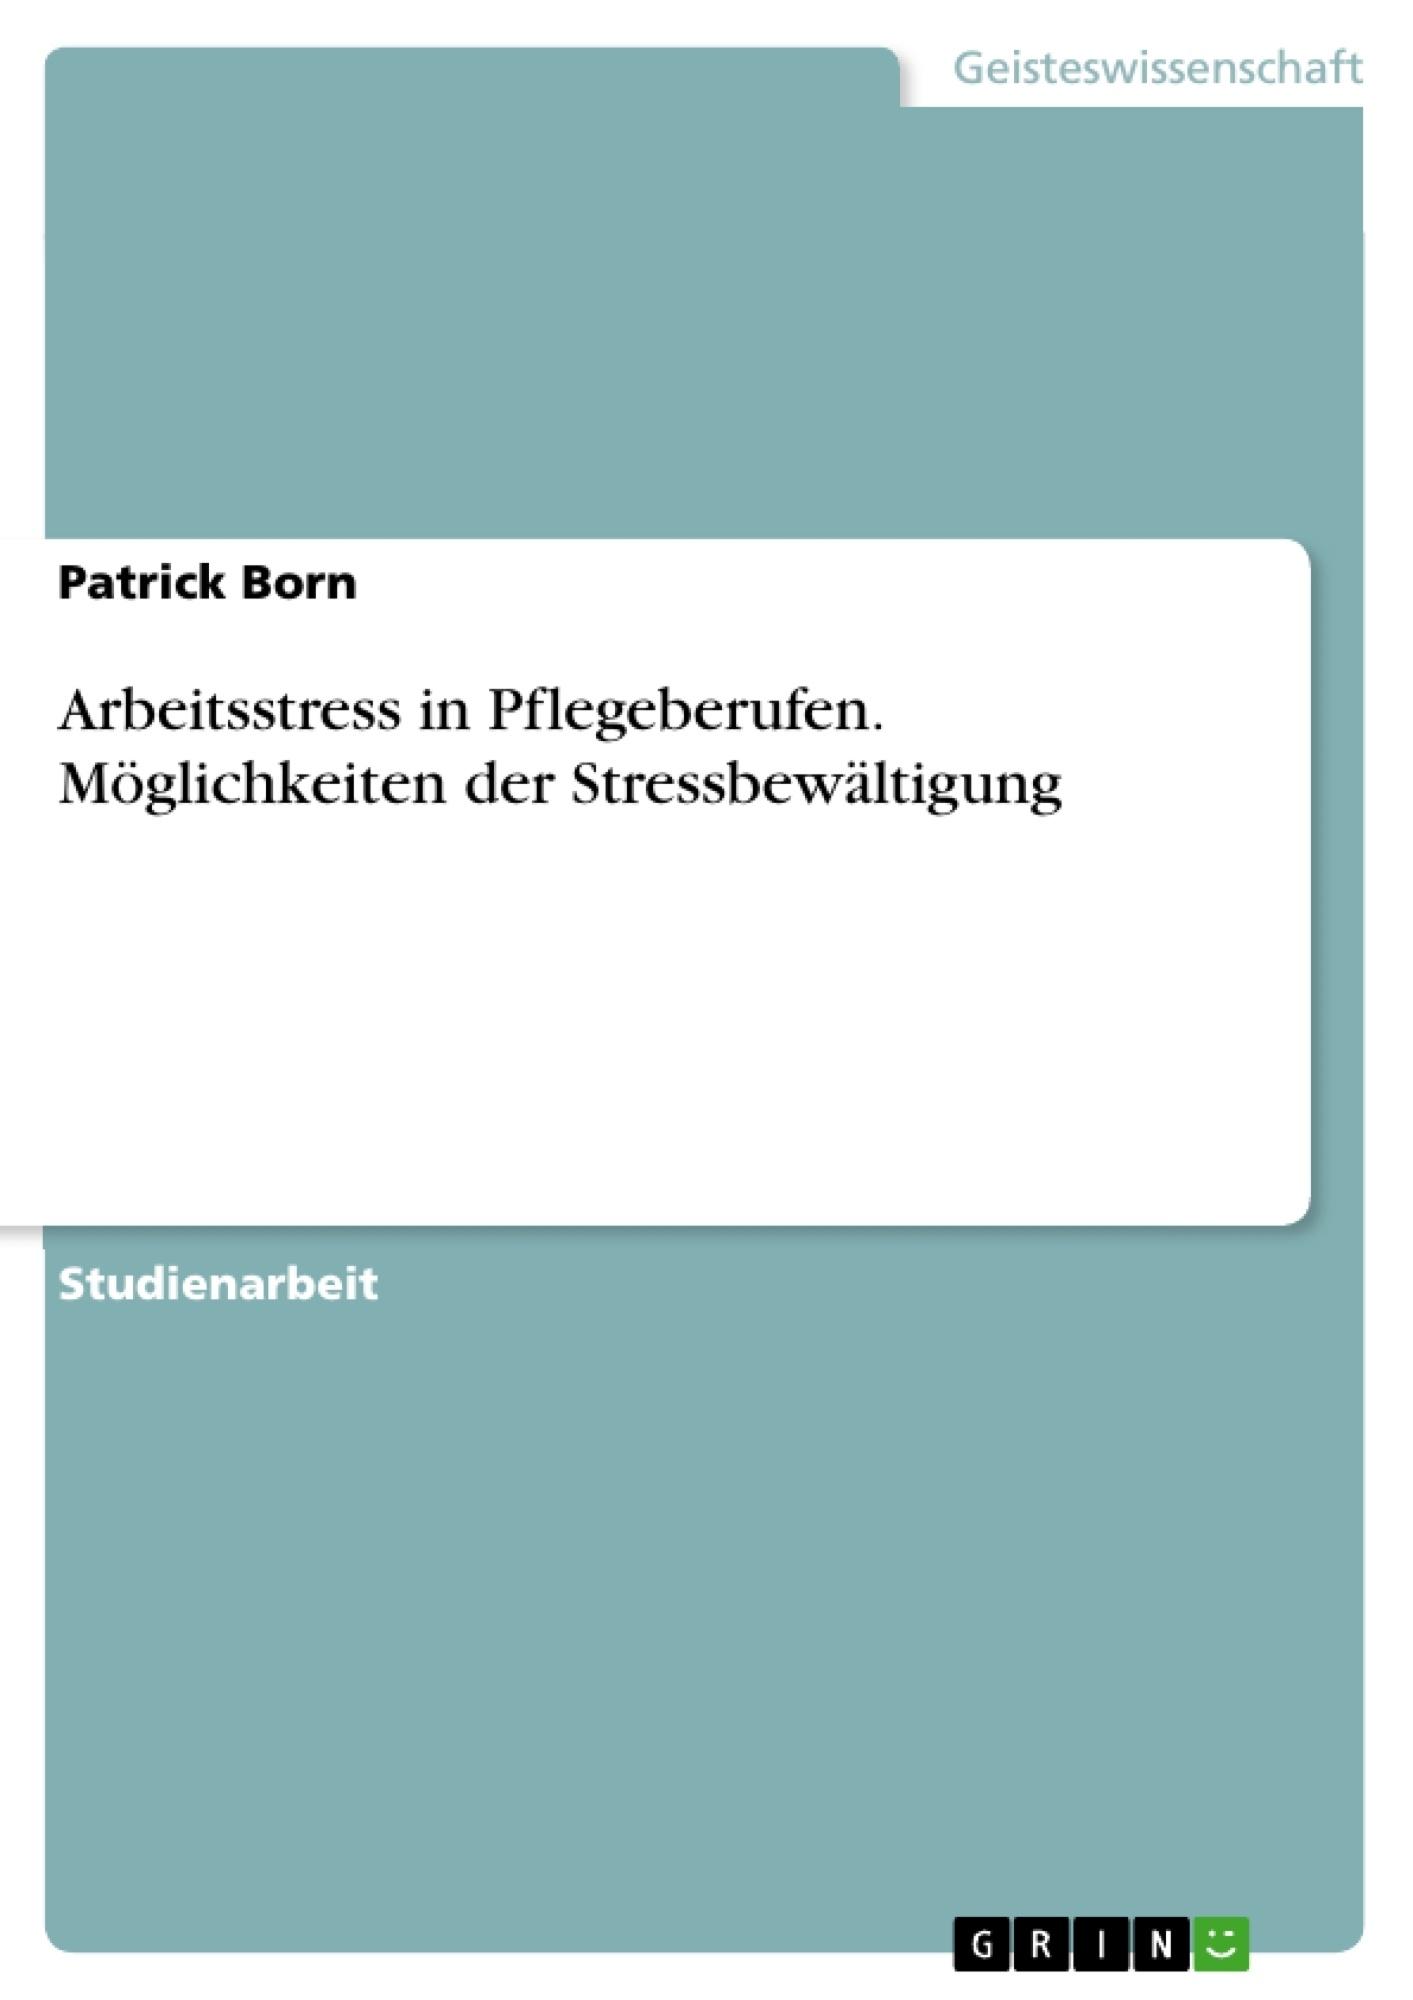 Titel: Arbeitsstress in Pflegeberufen. Möglichkeiten der Stressbewältigung